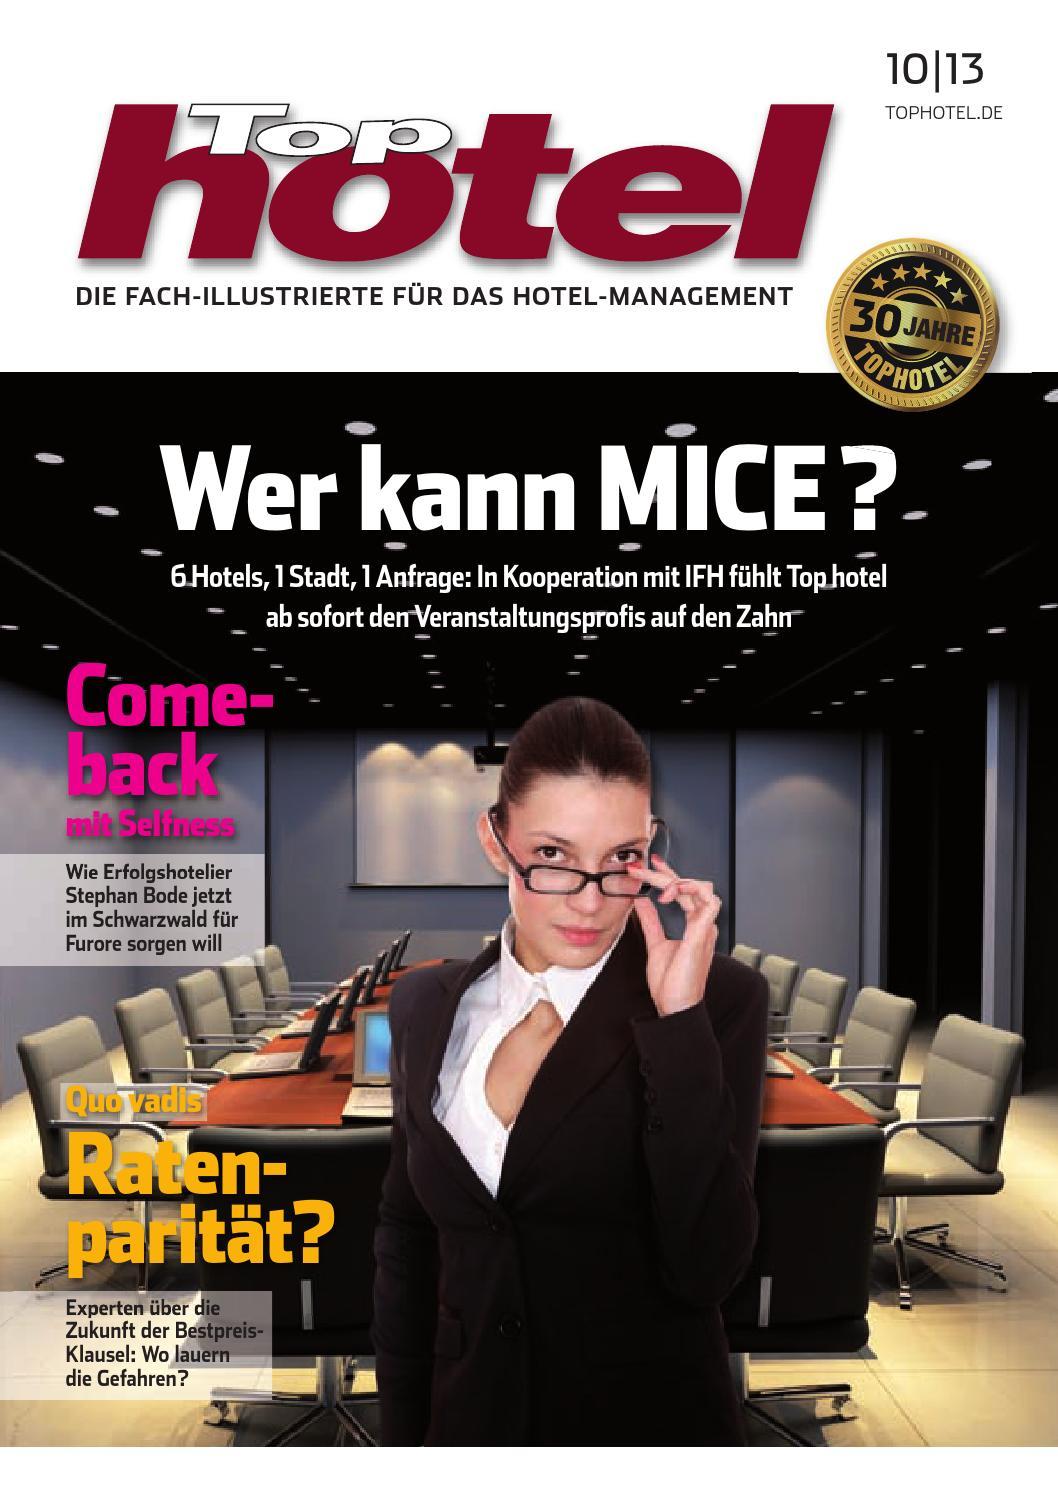 TH-Ausgabe_10.13 by Freizeit-Verlag Landsberg GmbH - issuu